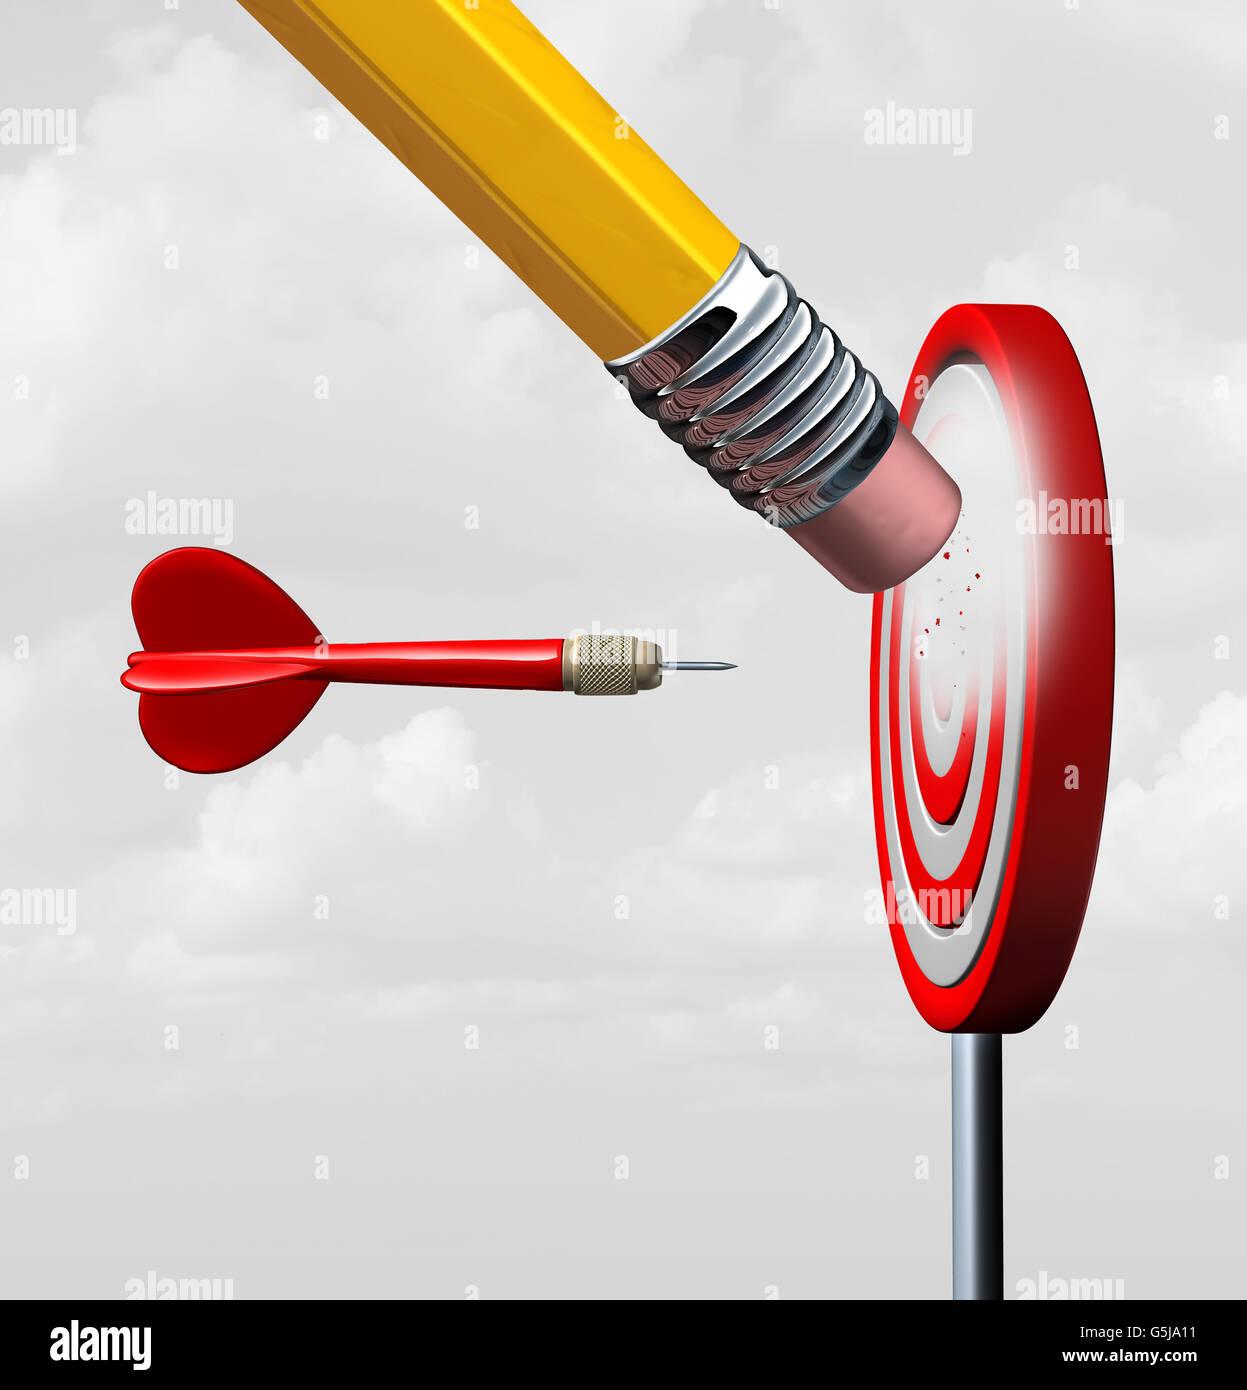 La perte du marché d'affaires et perte focus avec changement de l'industrie comme une fléchette Photo Stock